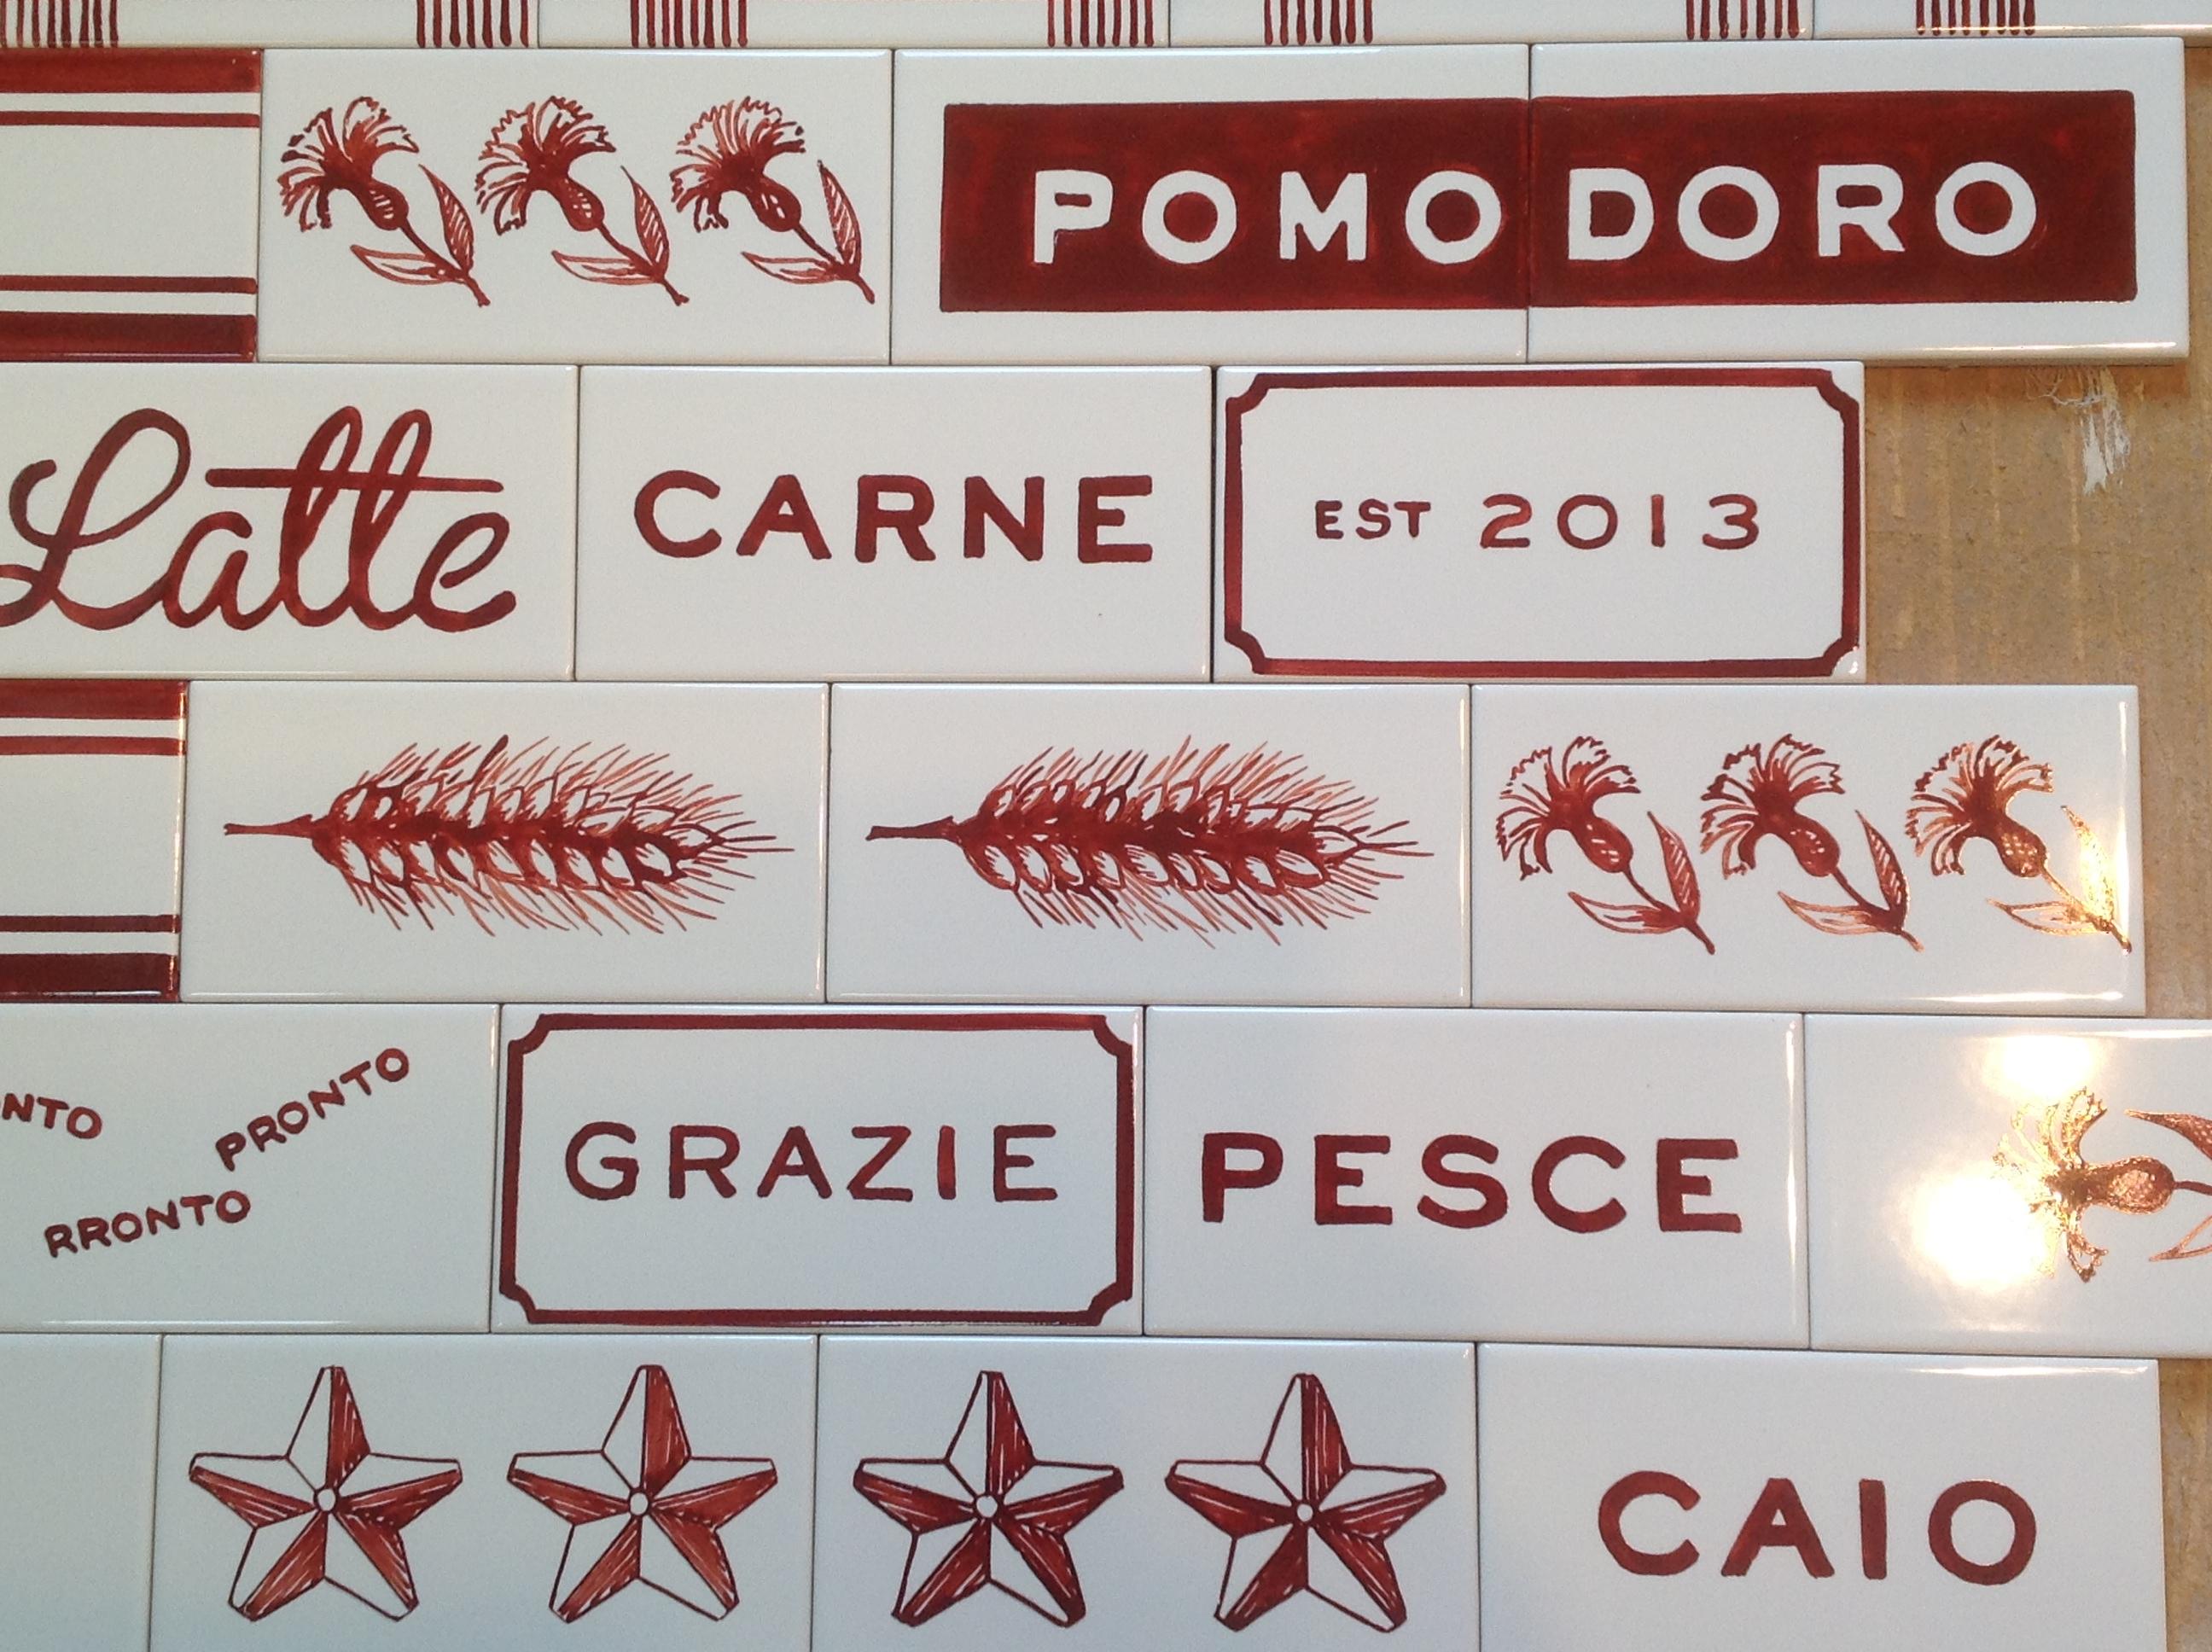 TilesRestaurantsCafes1